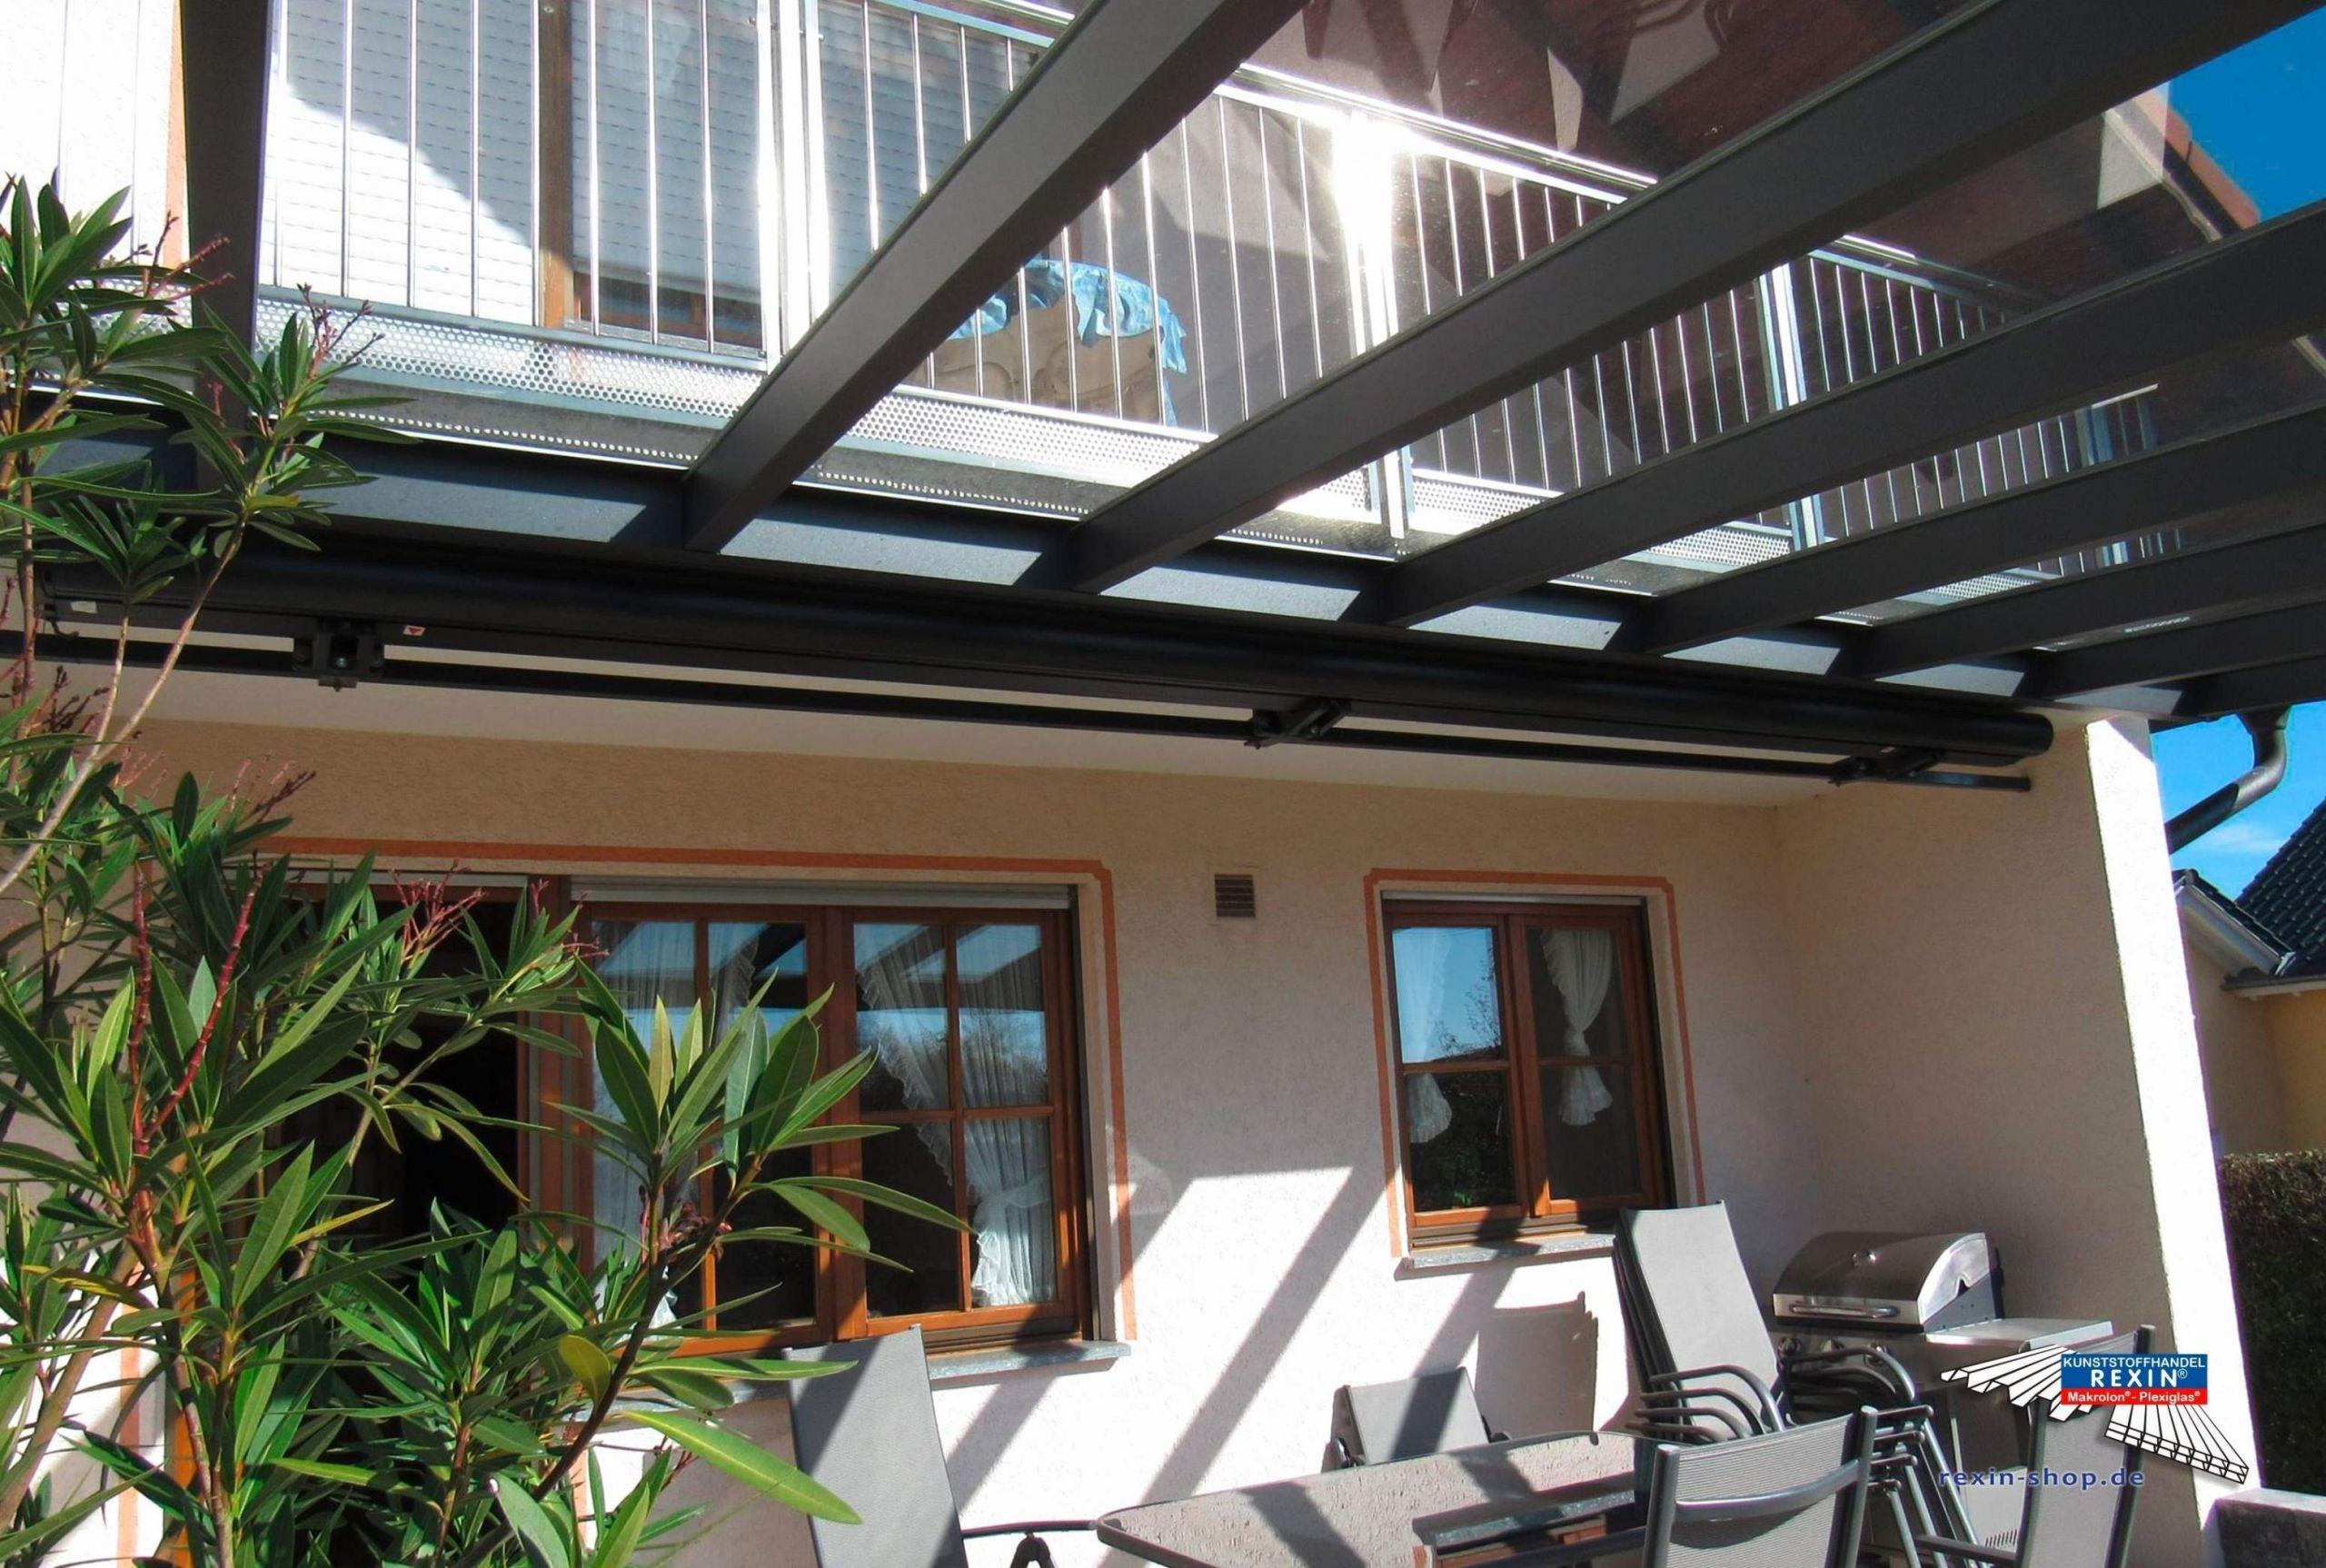 wintergarten selber bauen 40 entwurf kein balkon alternative kein balkon alternative